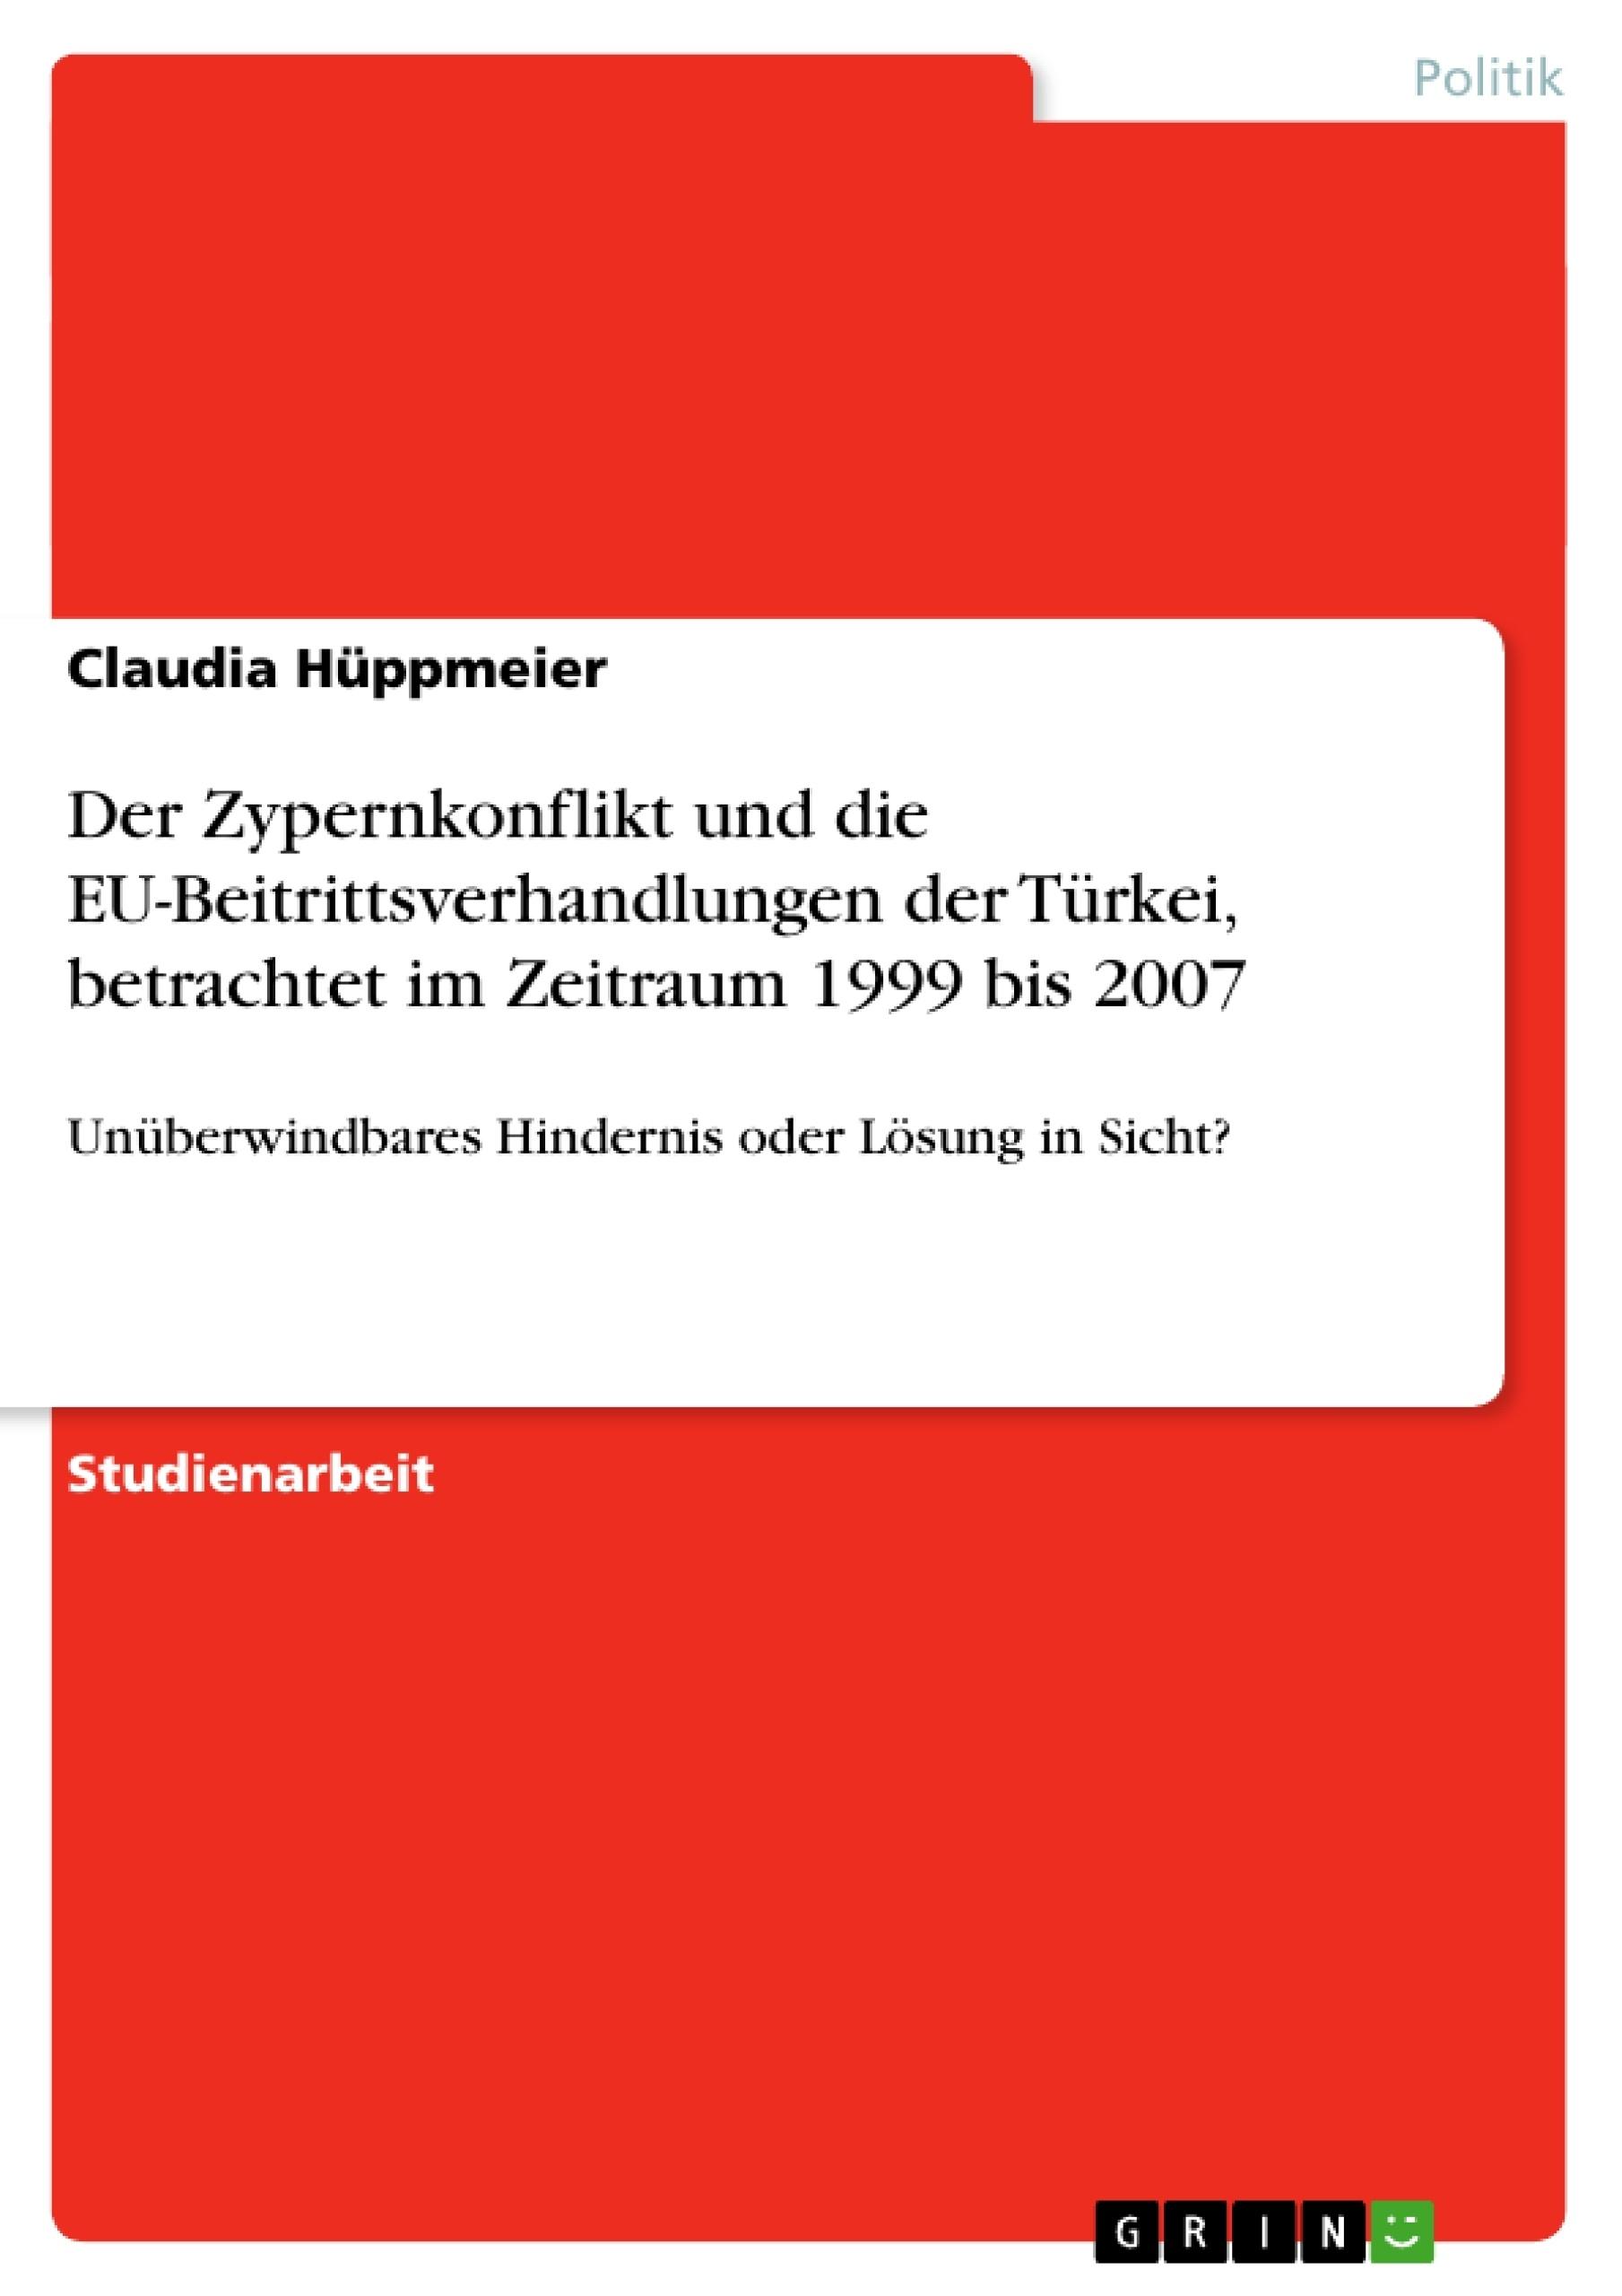 Titel: Der Zypernkonflikt und die EU-Beitrittsverhandlungen der Türkei, betrachtet im Zeitraum 1999 bis 2007